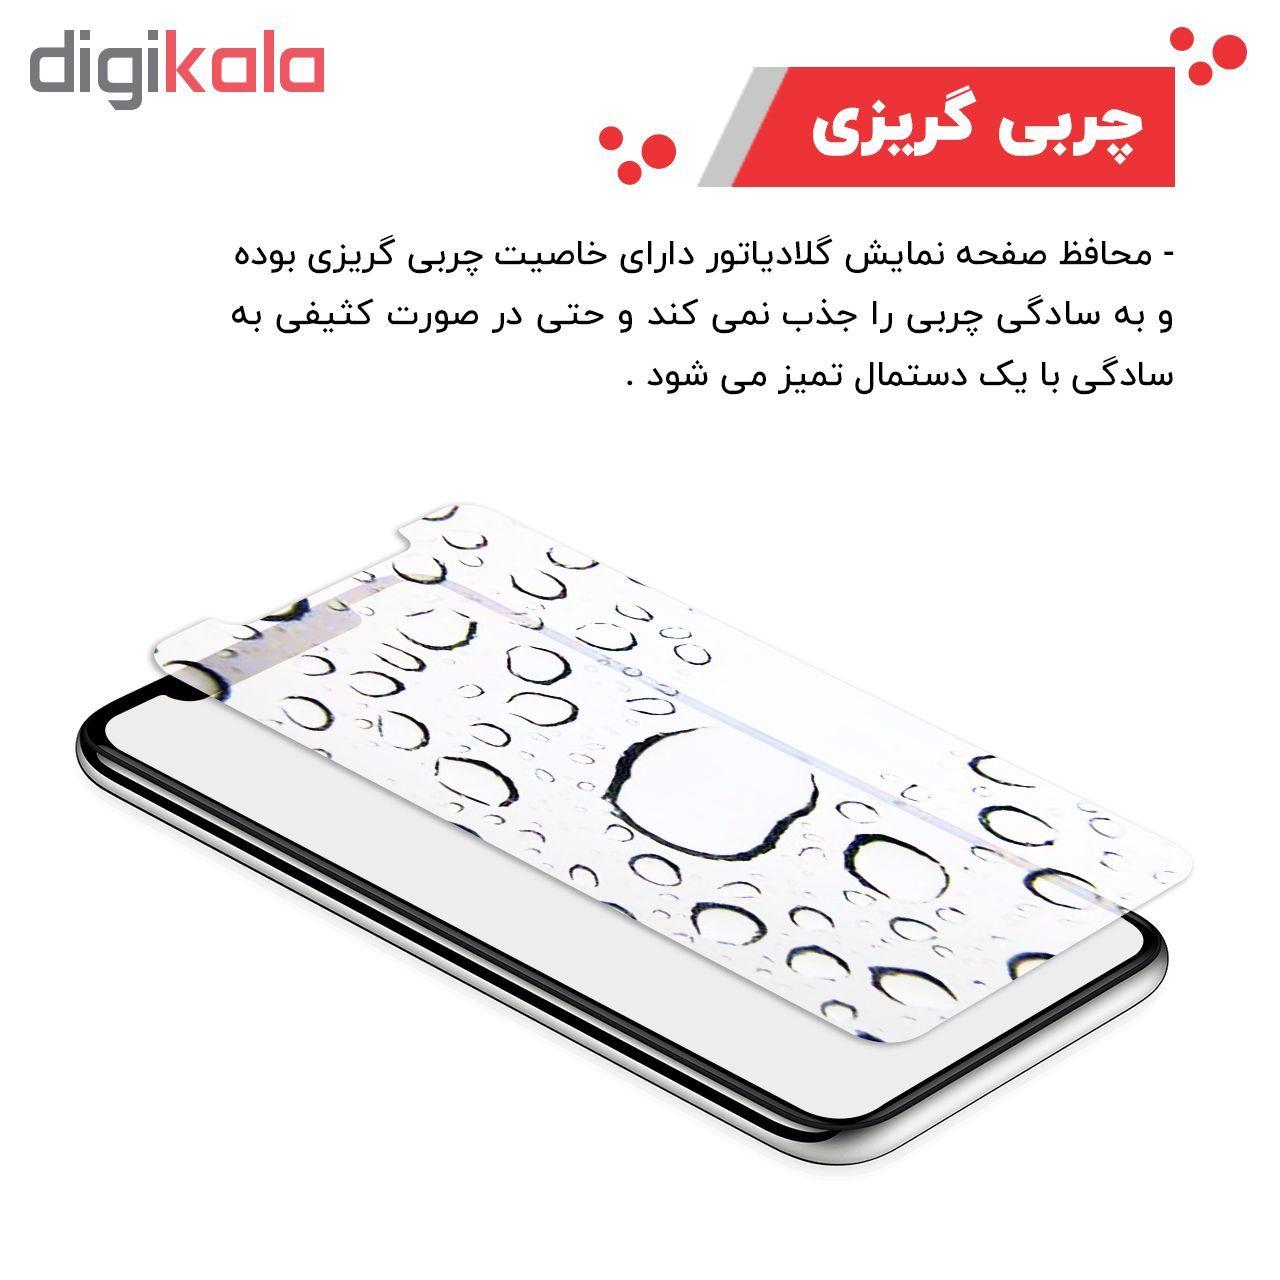 محافظ صفحه نمایش گلادیاتور مدل GLS1000 مناسب برای گوشی موبایل سامسونگ Galaxy A71 main 1 4